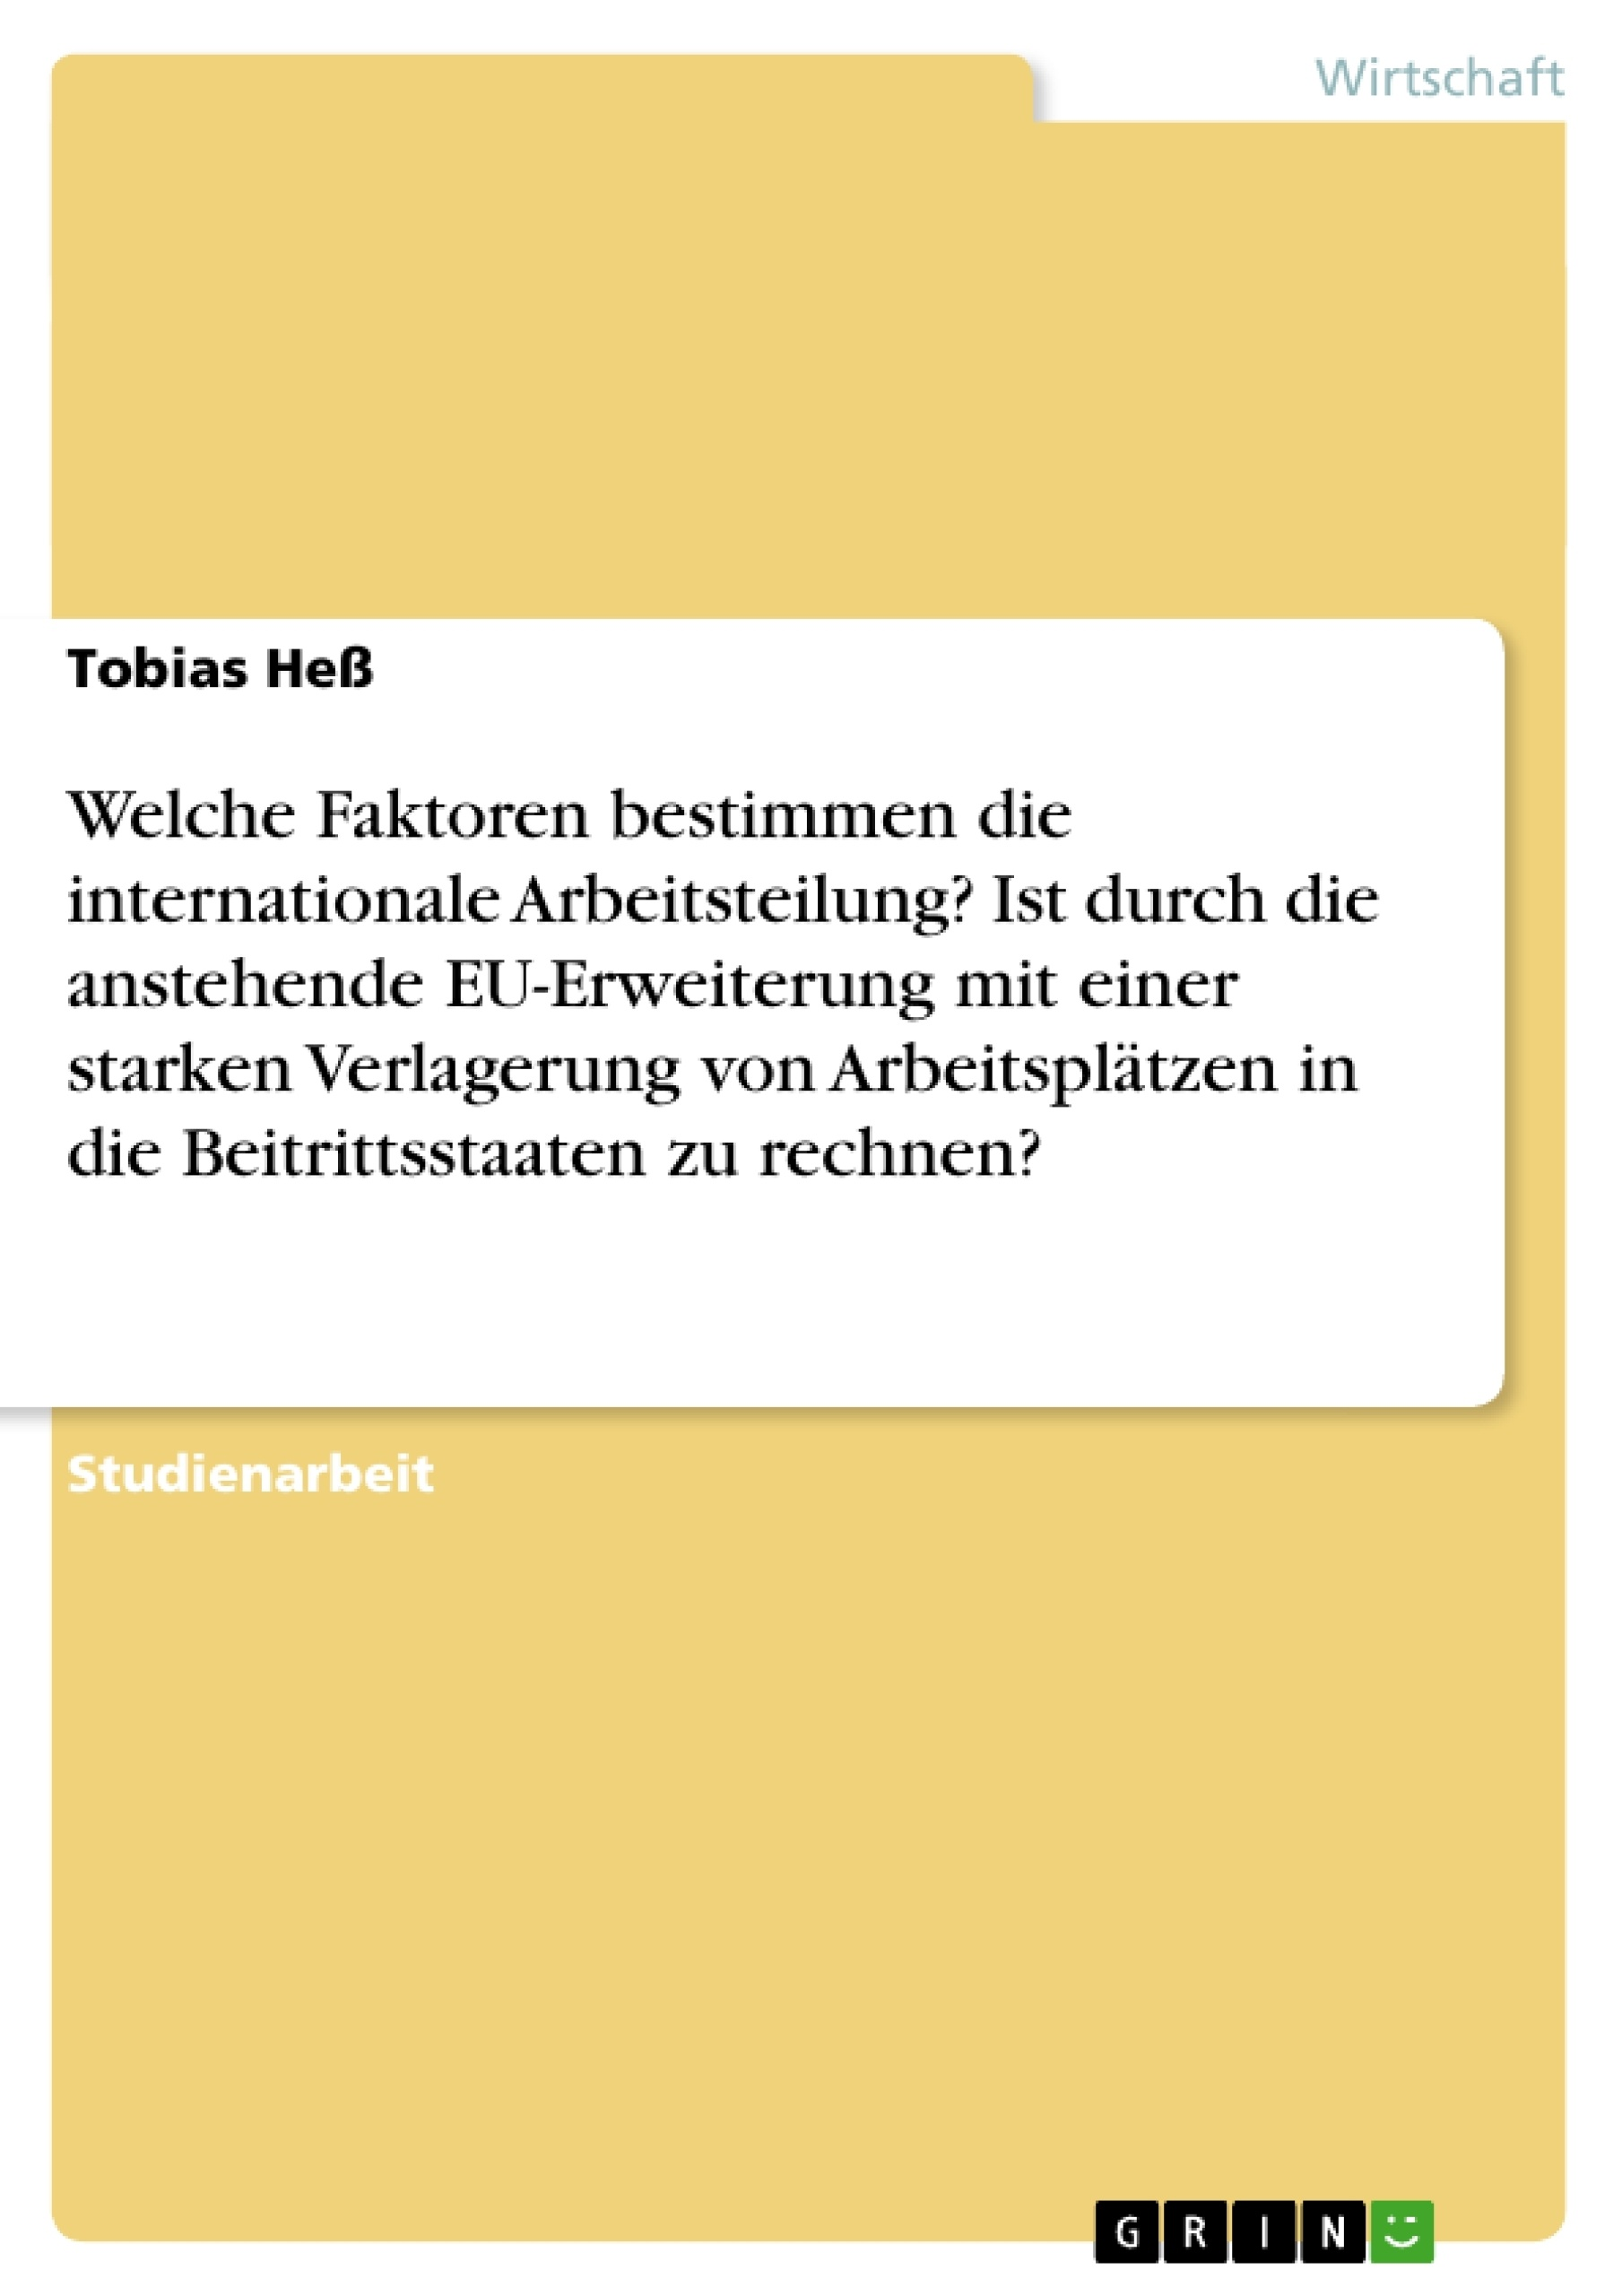 Titel: Welche Faktoren bestimmen die internationale Arbeitsteilung? Ist durch die anstehende EU-Erweiterung mit einer starken Verlagerung von Arbeitsplätzen in die Beitrittsstaaten zu rechnen?